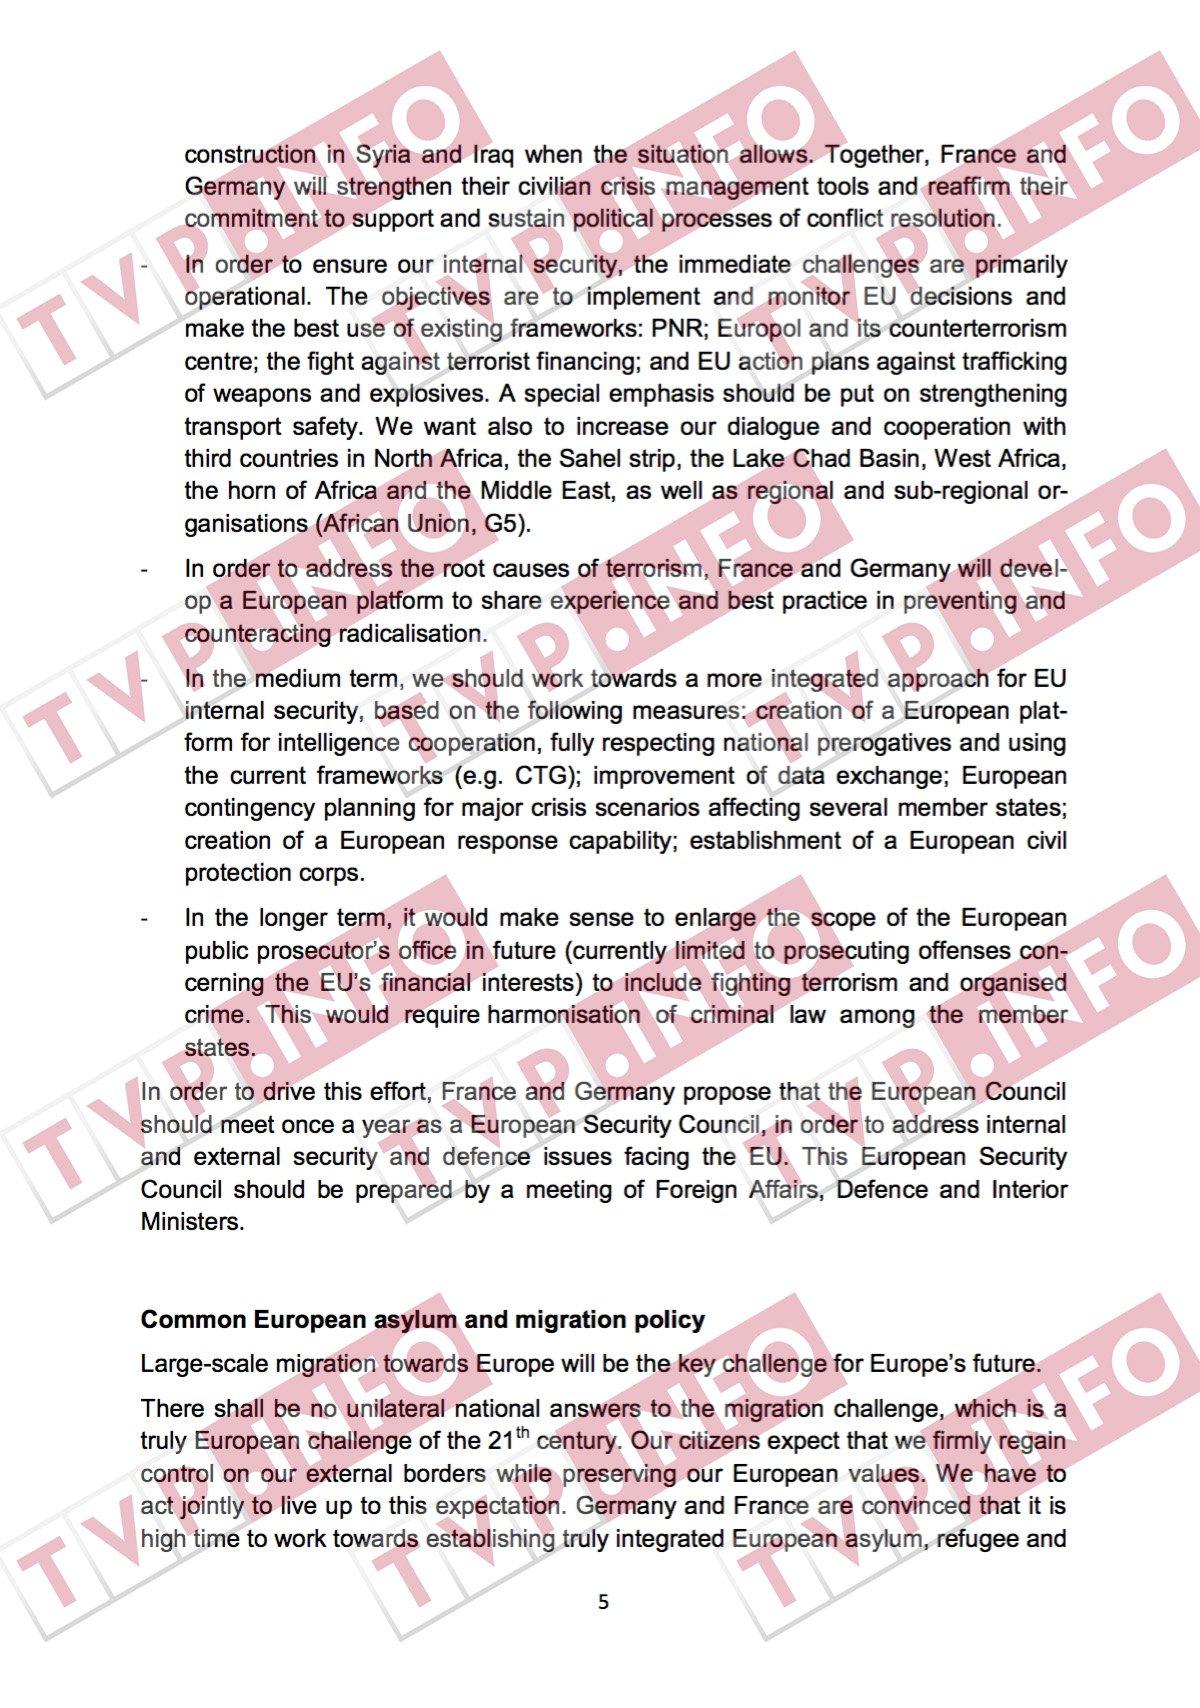 Geheimdokument-Europäischer-Superstaat-nimmt-Form-an-Kommentar-Oliver-Baron-GodmodeTrader.de-5